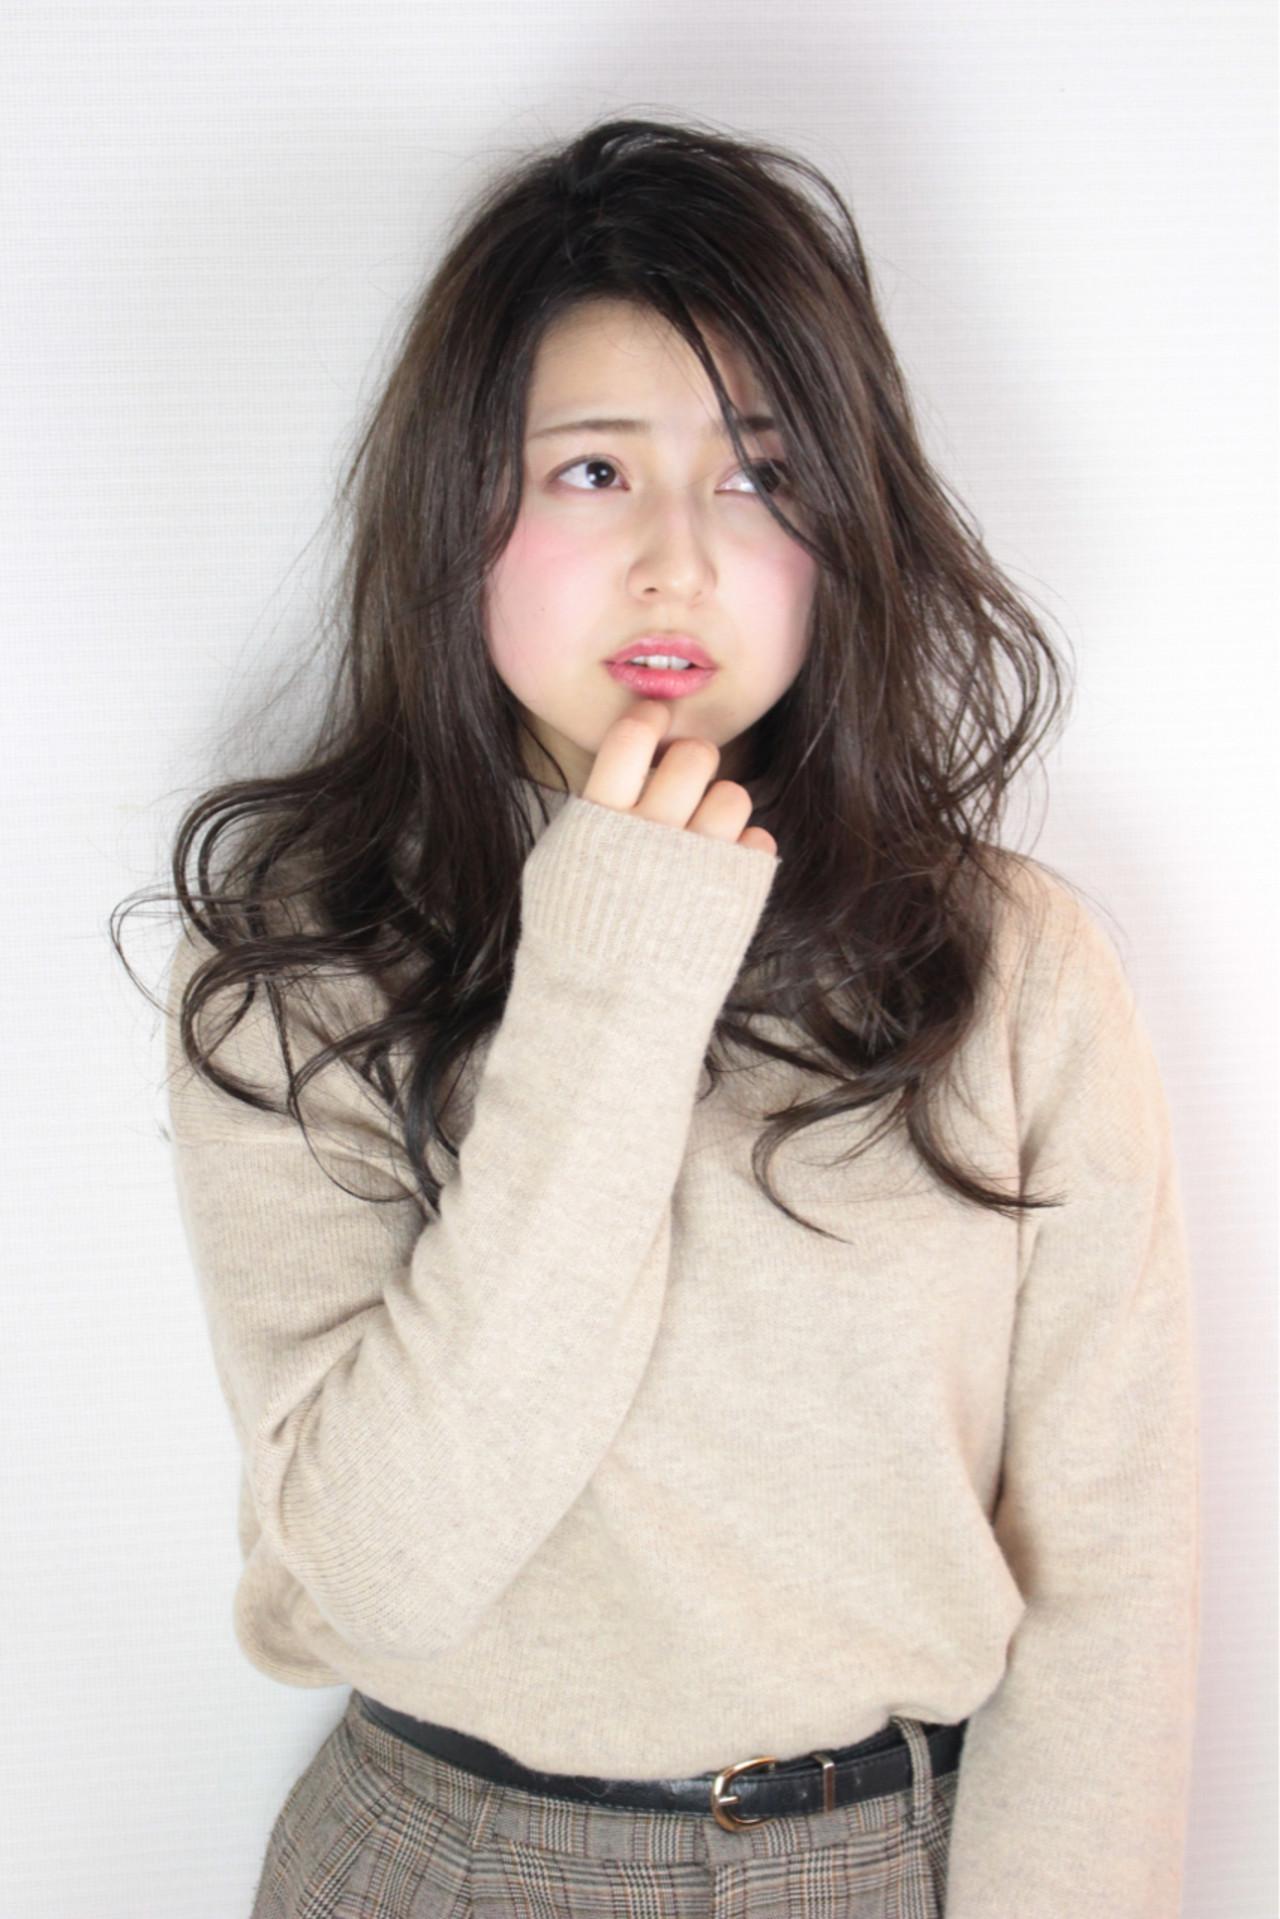 前髪なしでセンシュアルな雰囲気に 松田 和幸